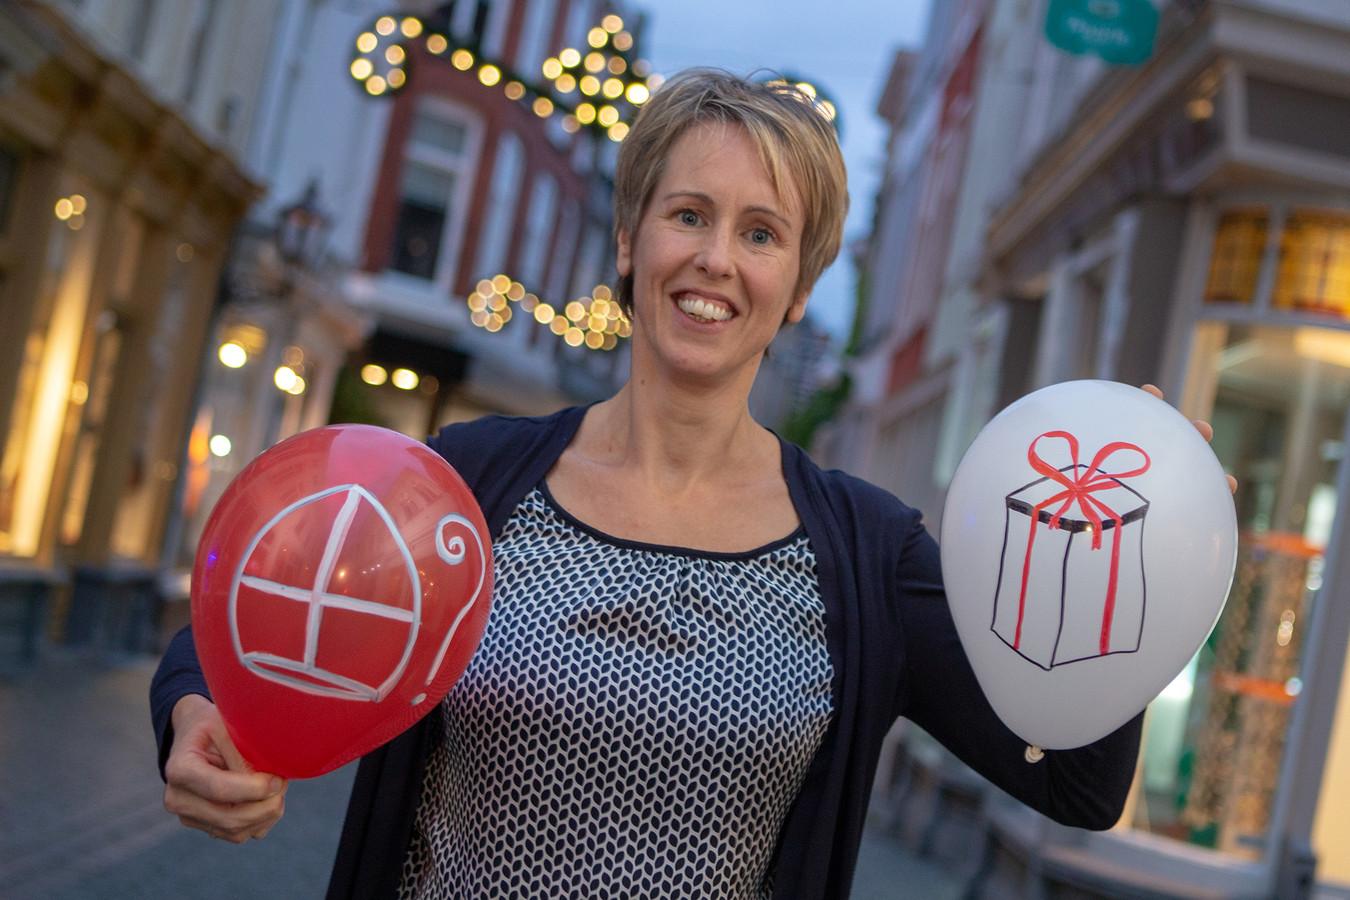 Monique Franken van SpeeLeven organiseert een gratis Sinterklaas workshop voor kinderen die anders met speelgoed en prikkels omgaan.